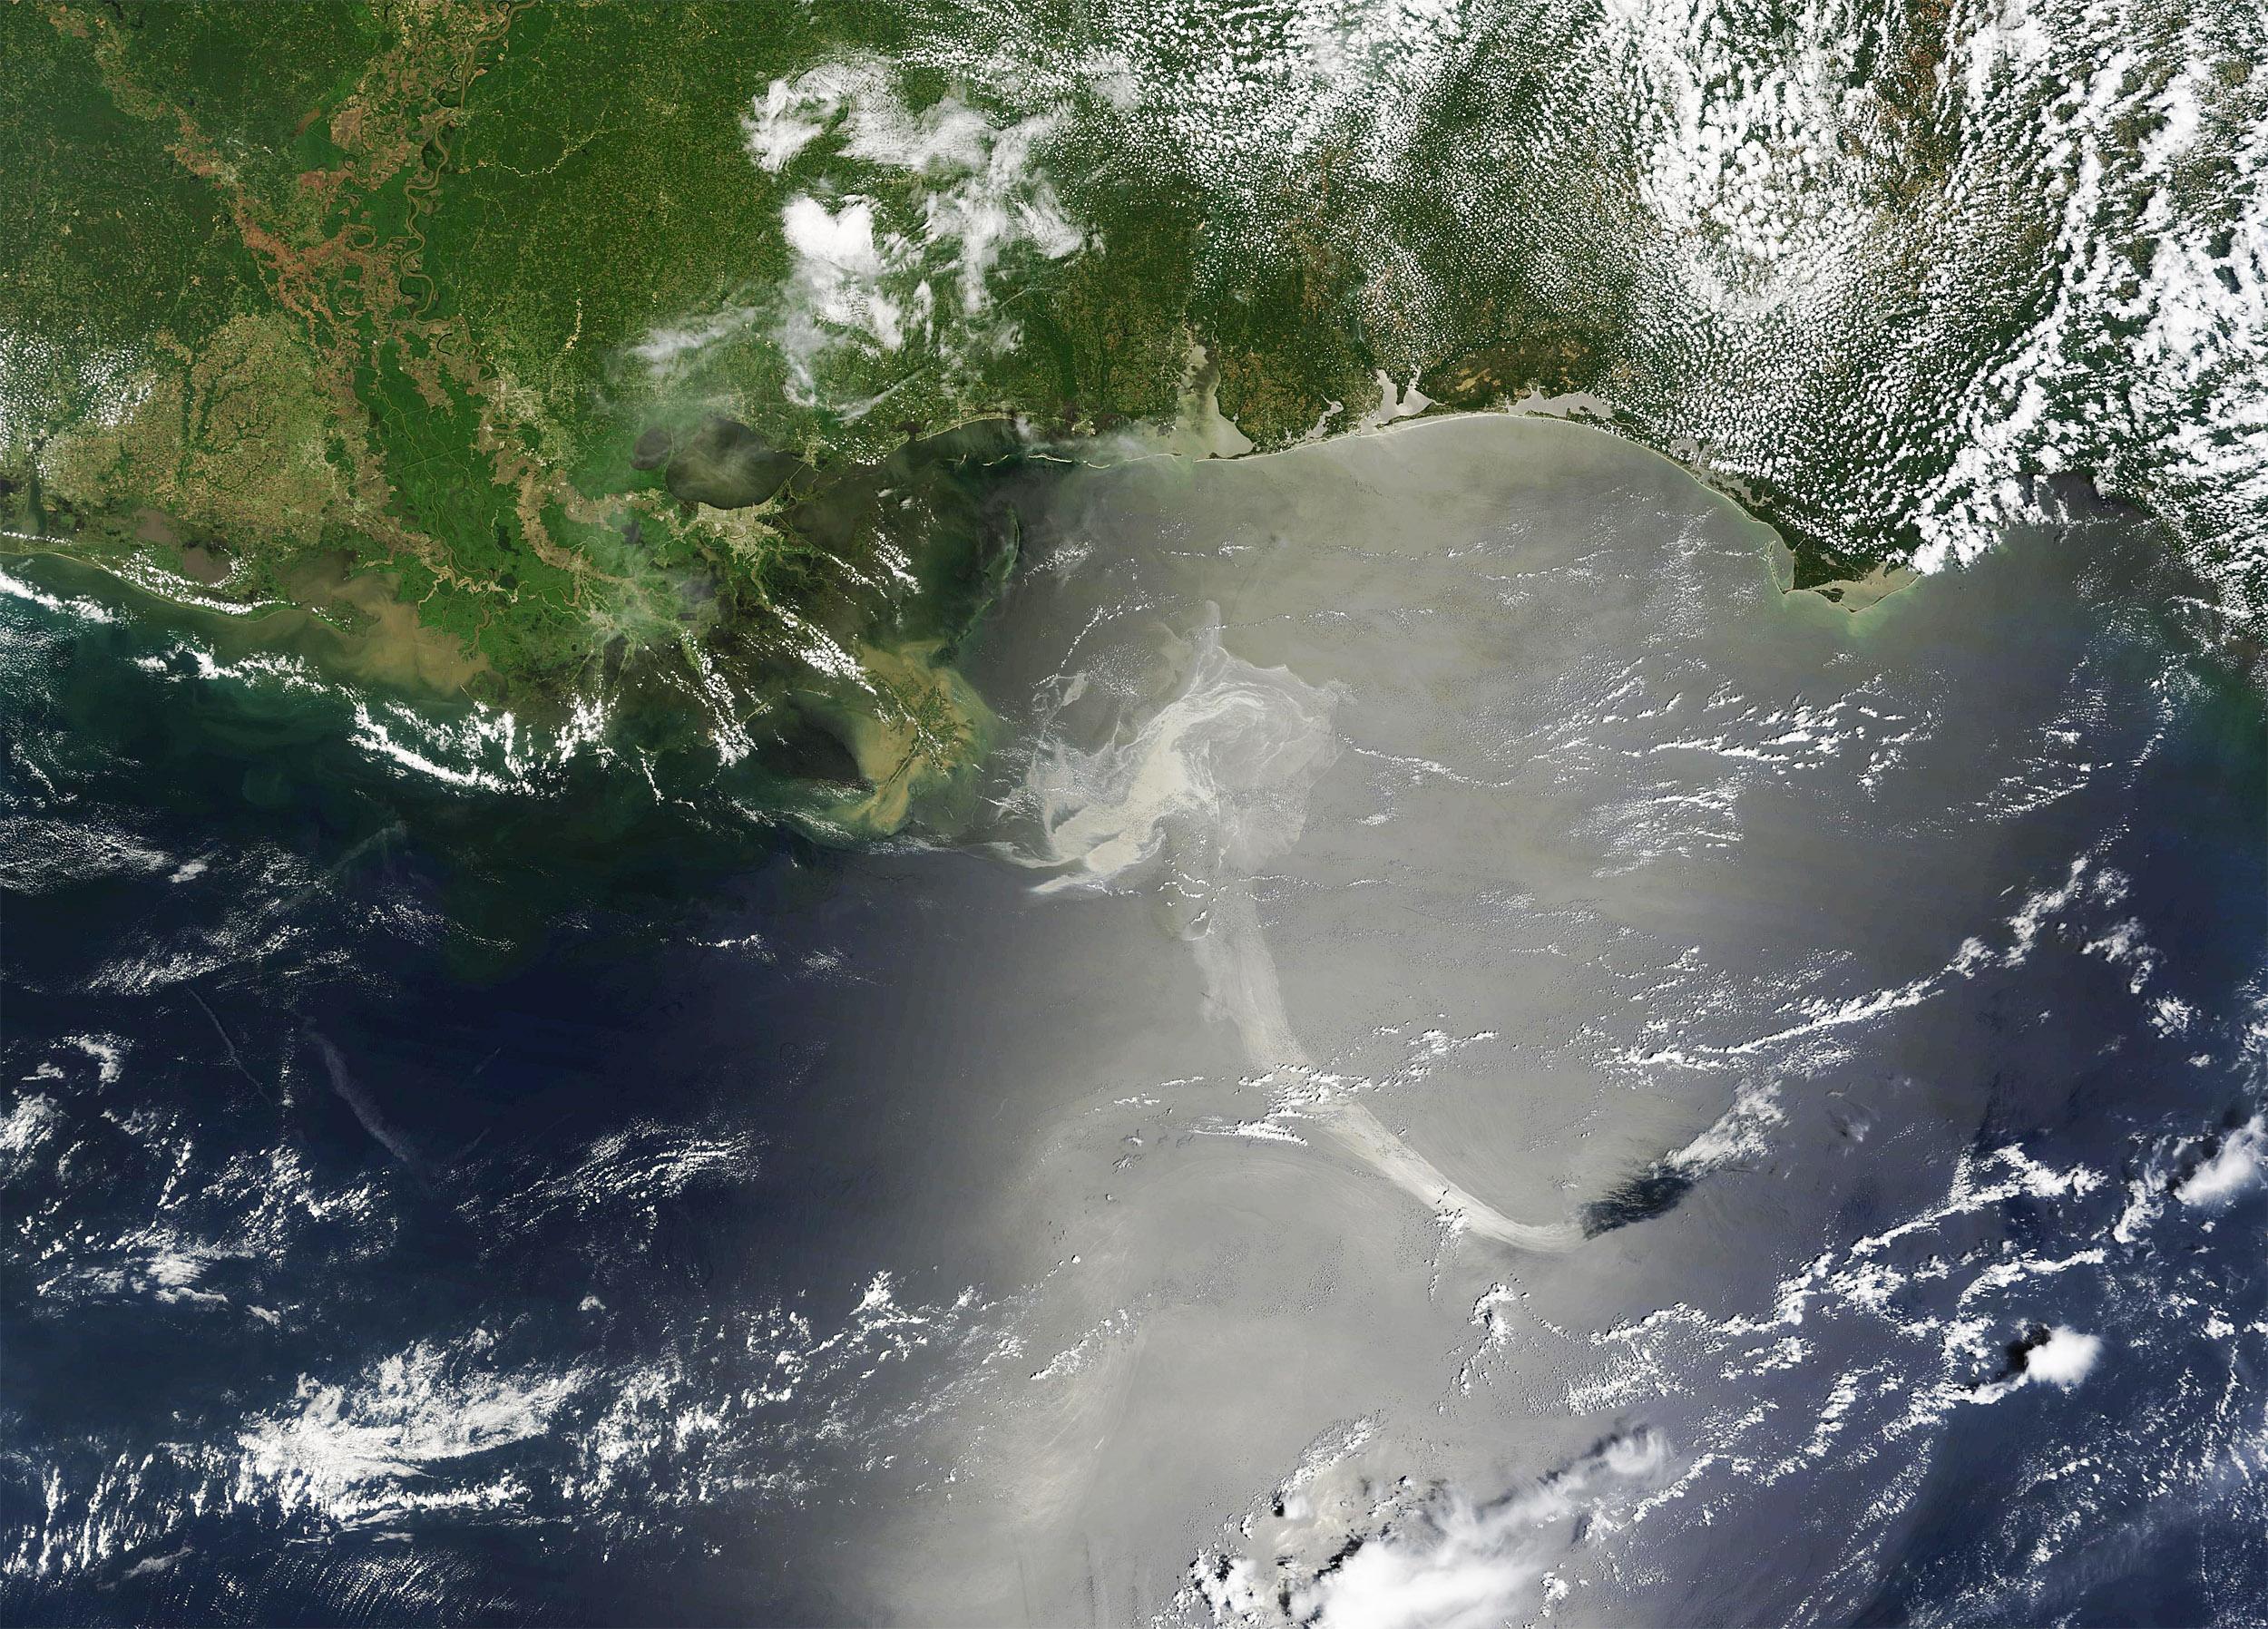 Deepwater Horizon oil spill seen from space